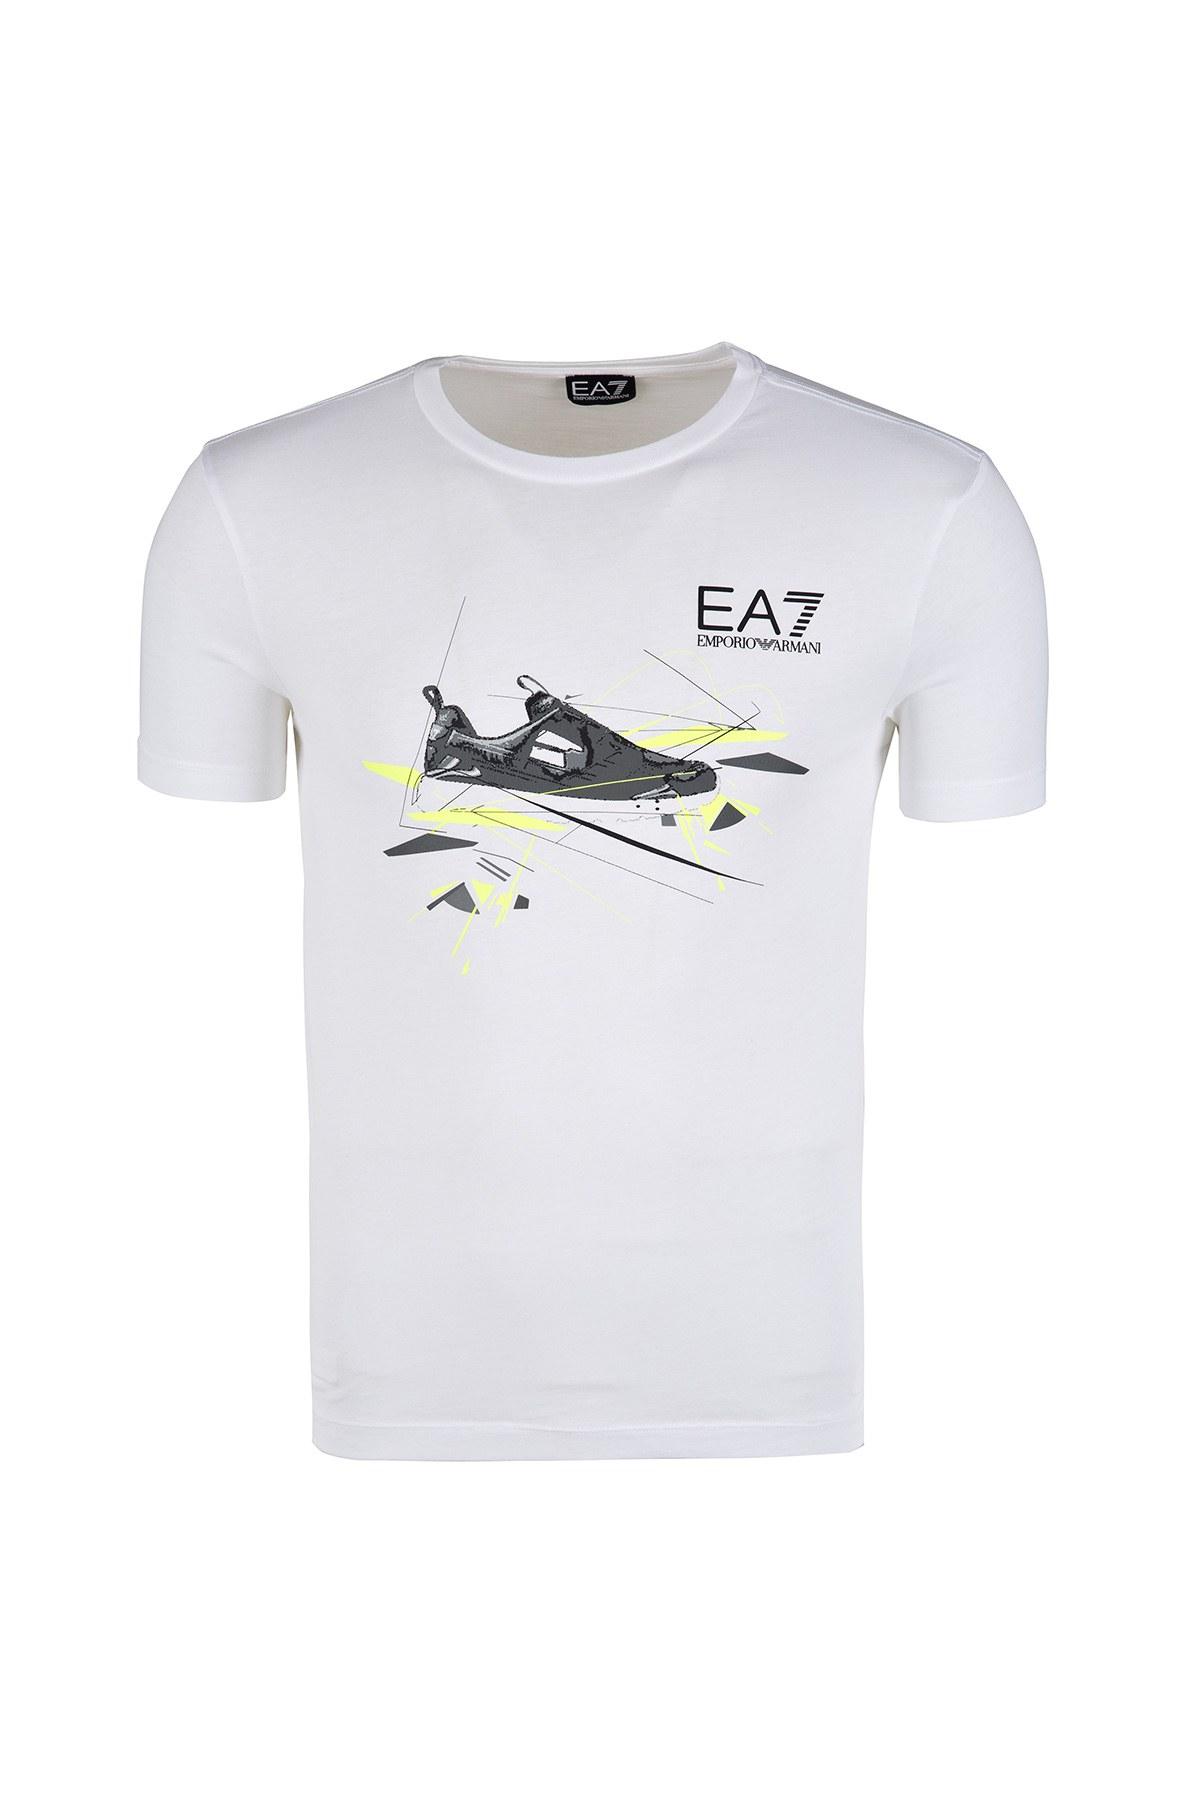 EA7 T SHIRT Erkek T Shirt 3ZPT50 PJM9Z 1100 BEYAZ